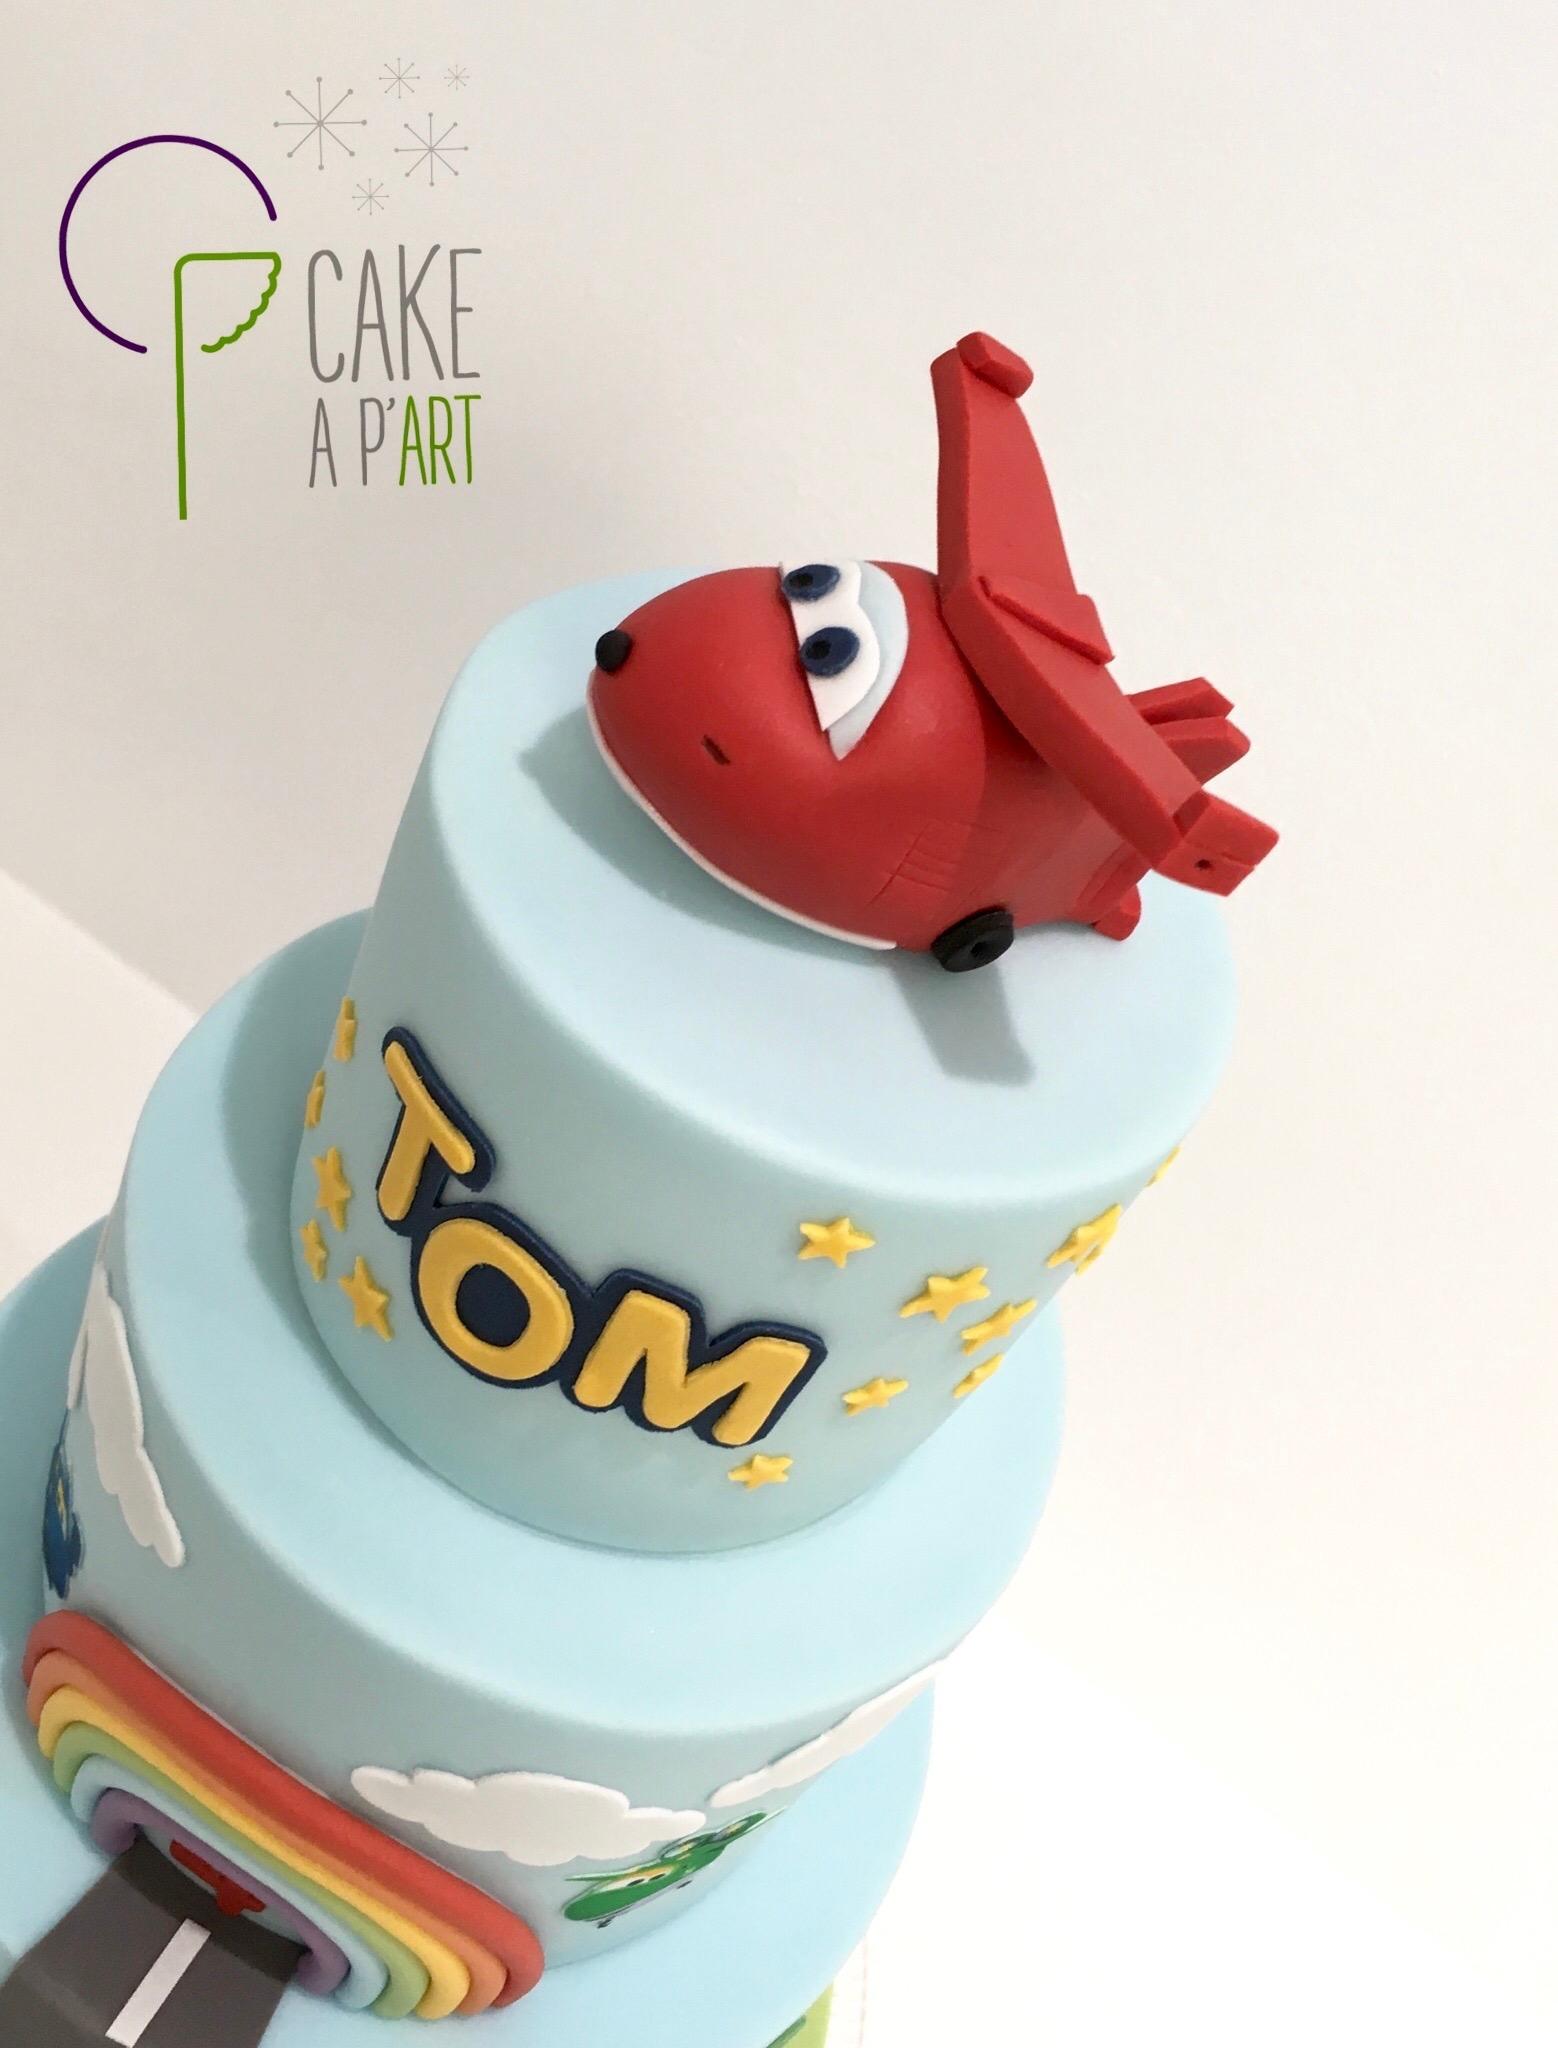 Décor modelage en sucre gâteaux personnalisés - Anniversaire Thème Super Wings Avion rouge Jett